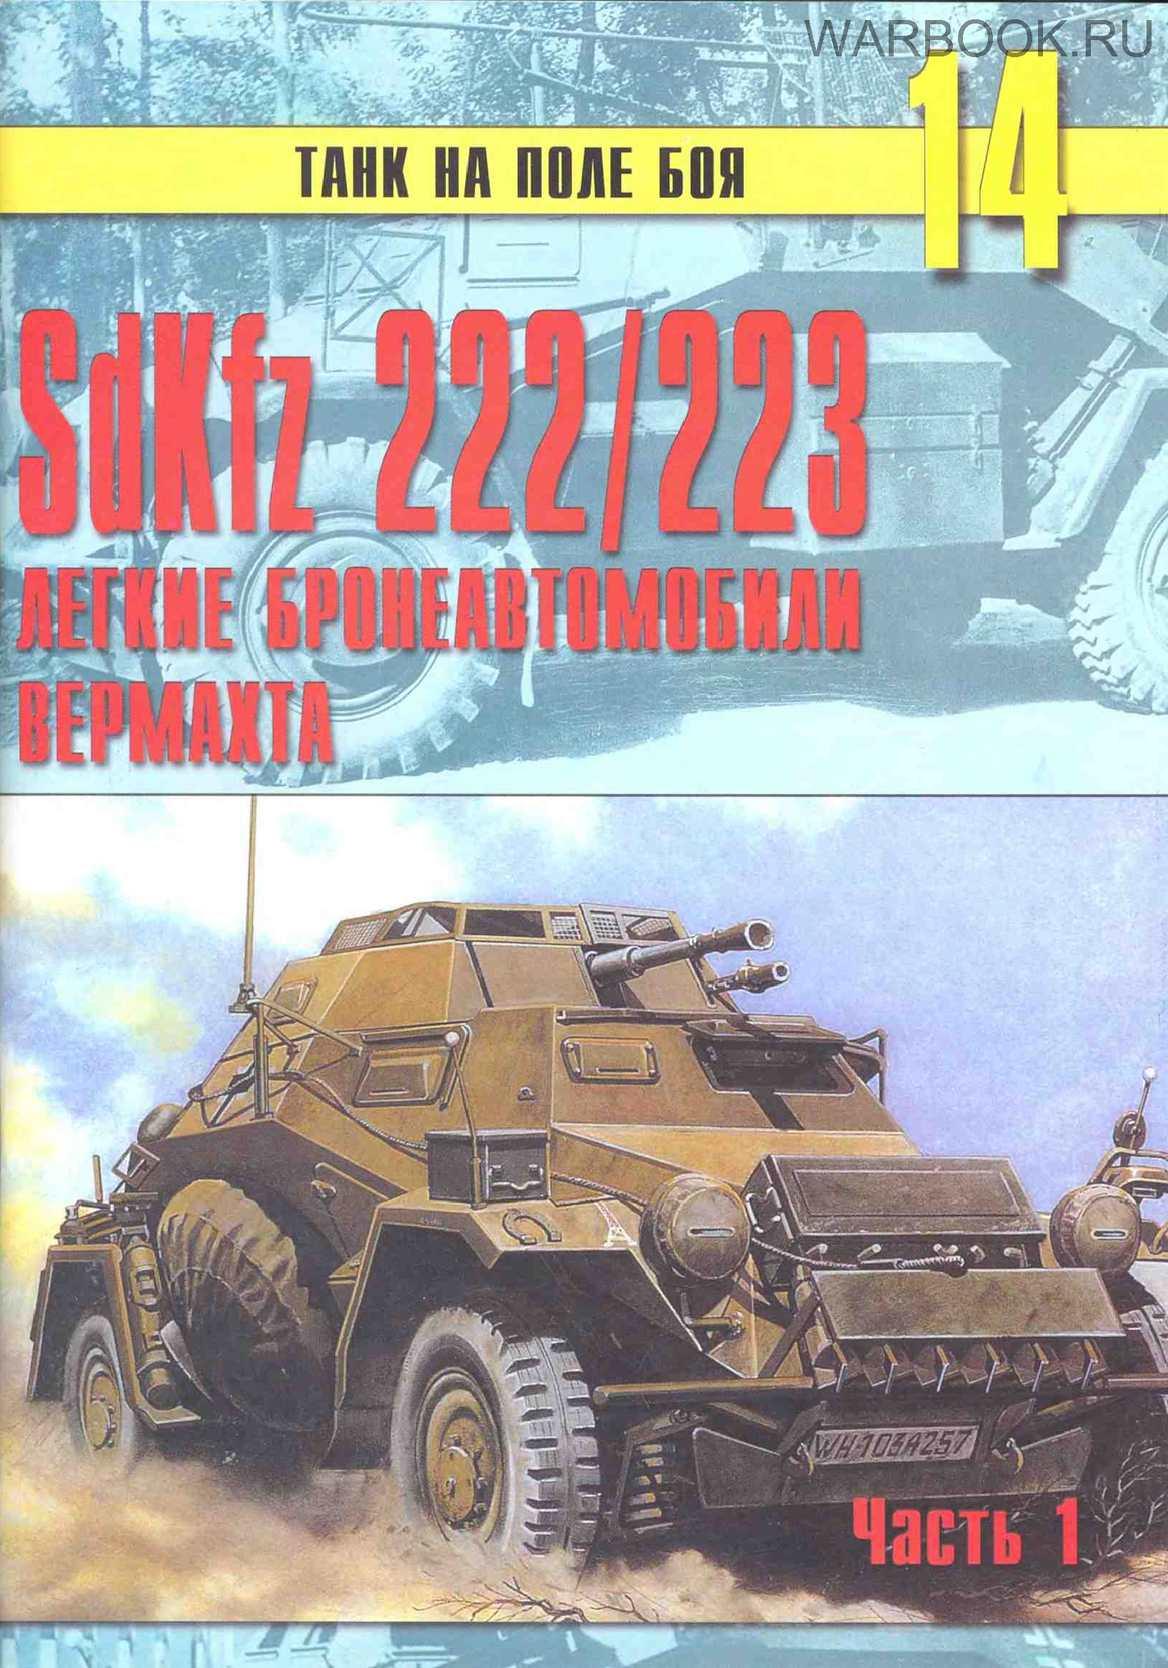 Танк на поле боя 14-15 - Sdkfz 222-223 легкие бронеавтомобили Вермахта